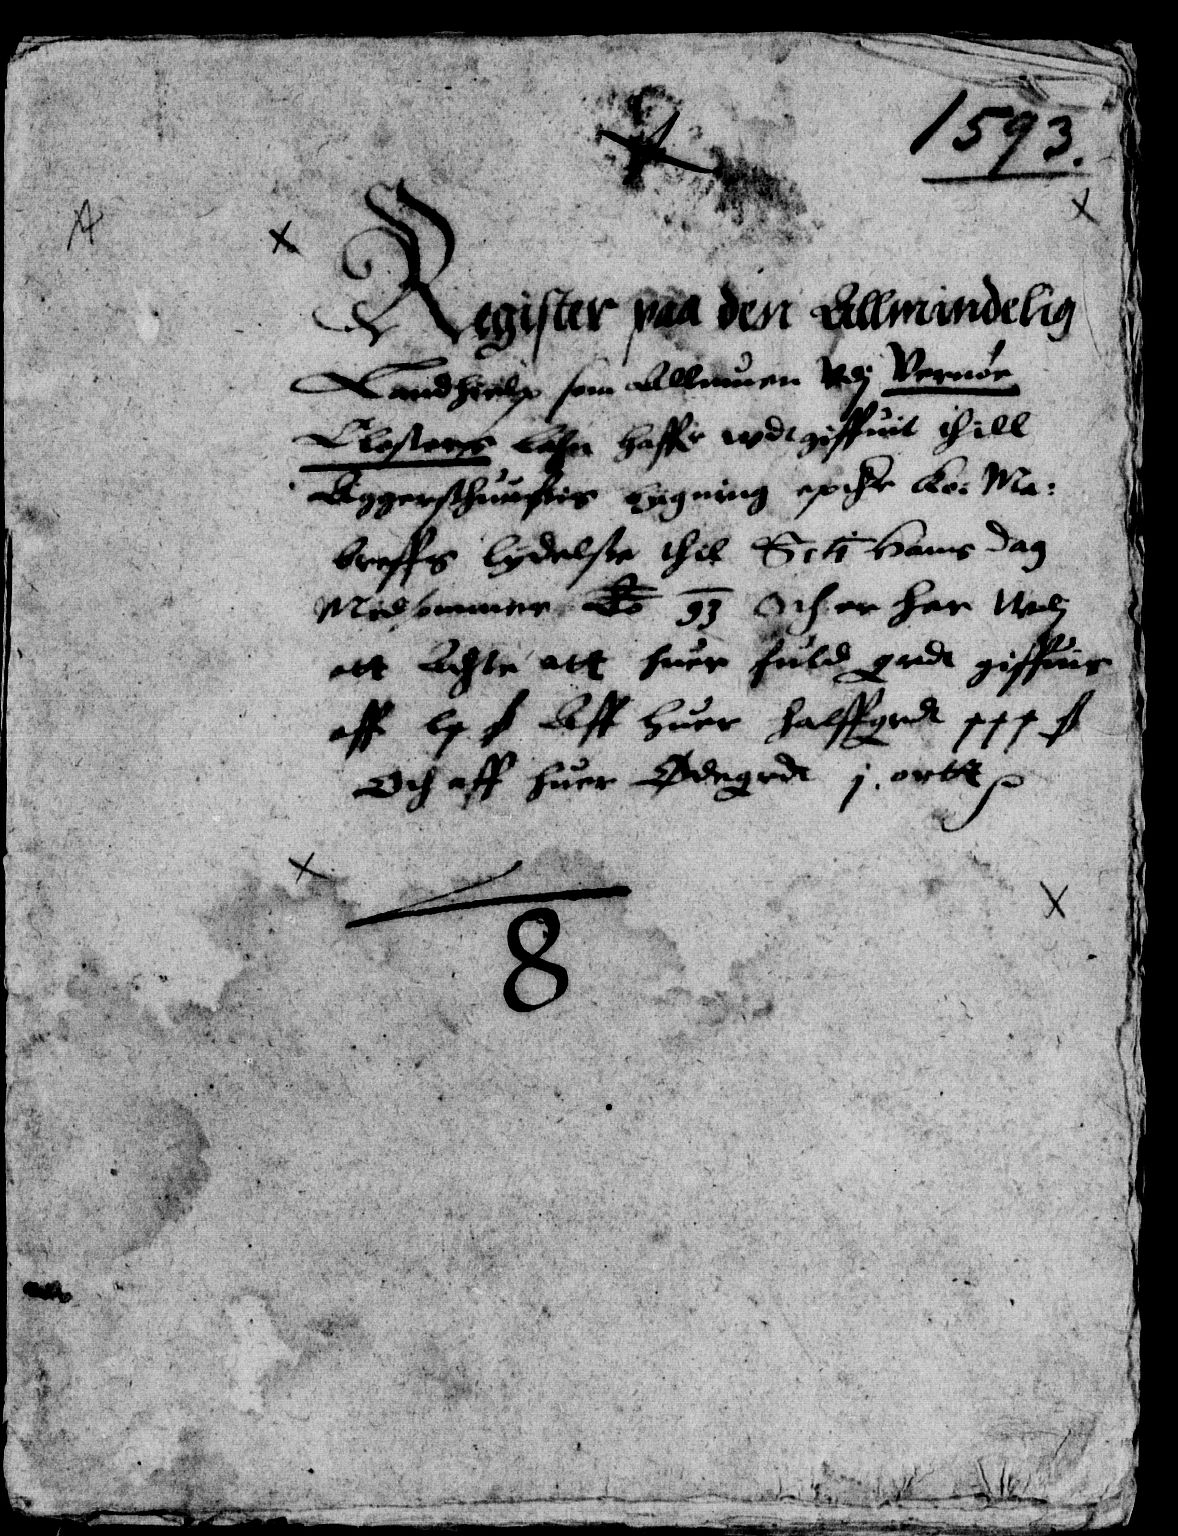 RA, Rentekammeret inntil 1814, Reviderte regnskaper, Lensregnskaper, R/Rb/Rba/L0006: Akershus len, 1593-1594